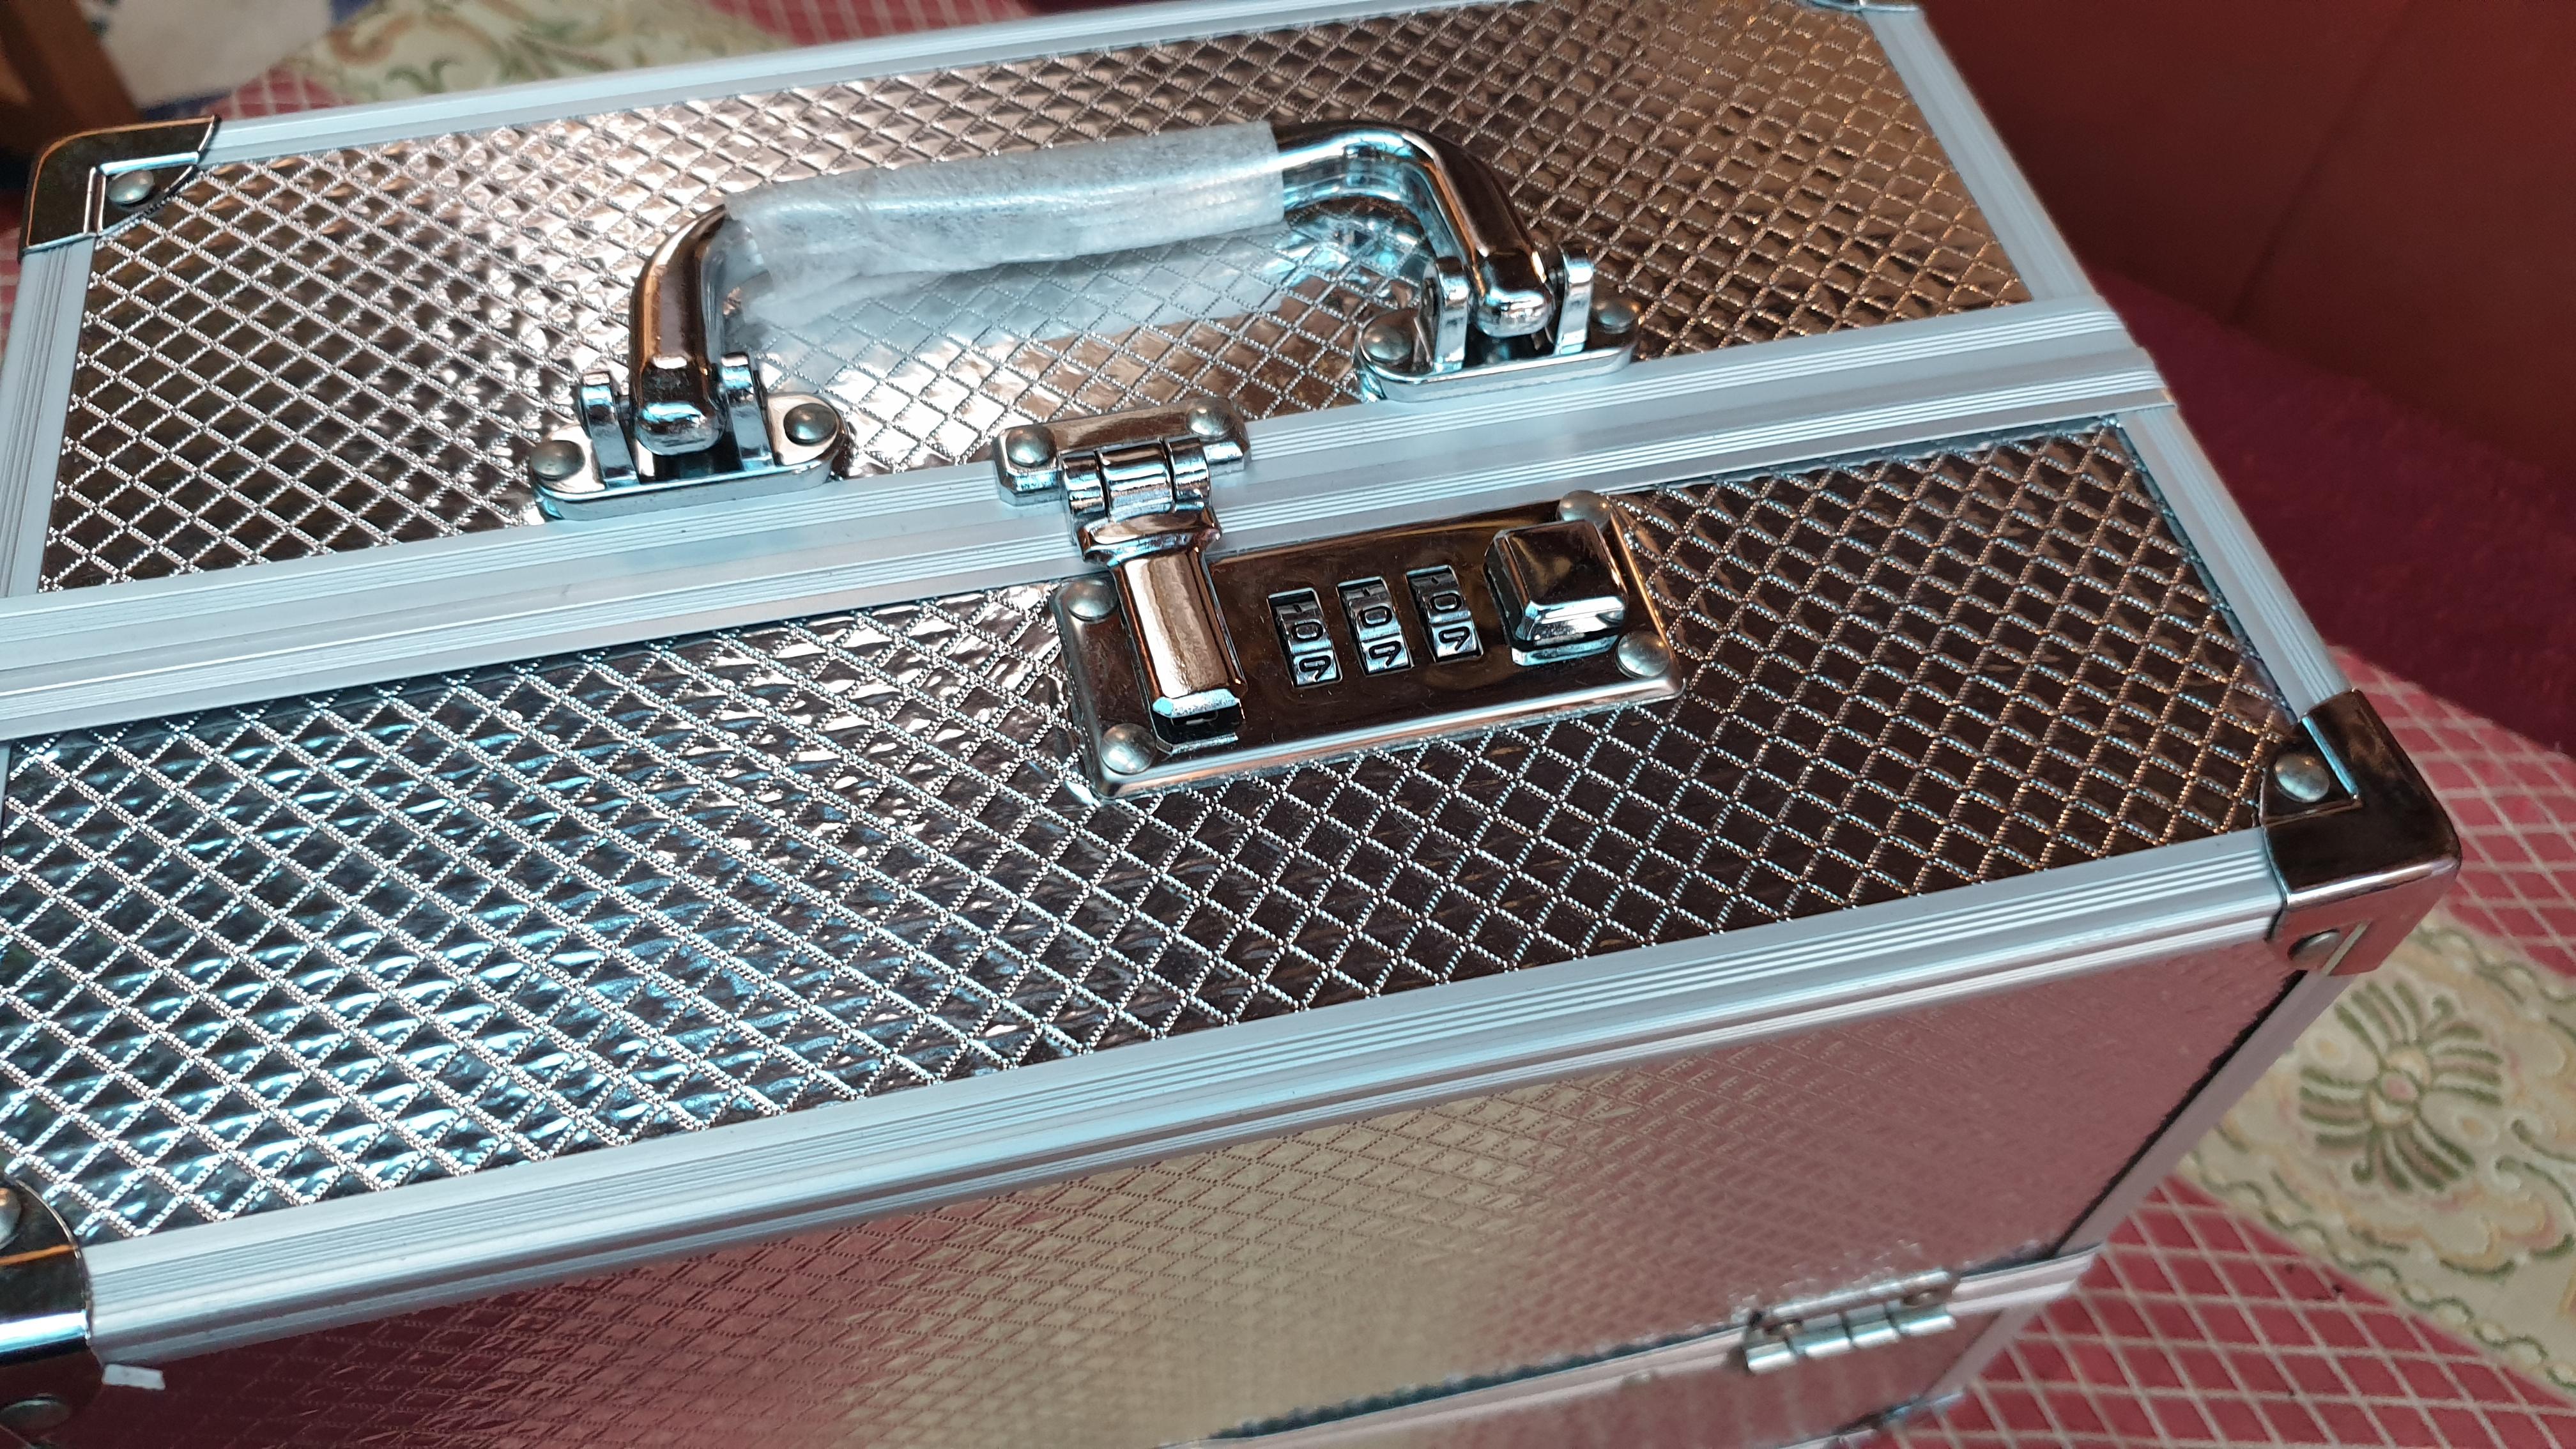 מזוודה 9 – היה שווה לחכות